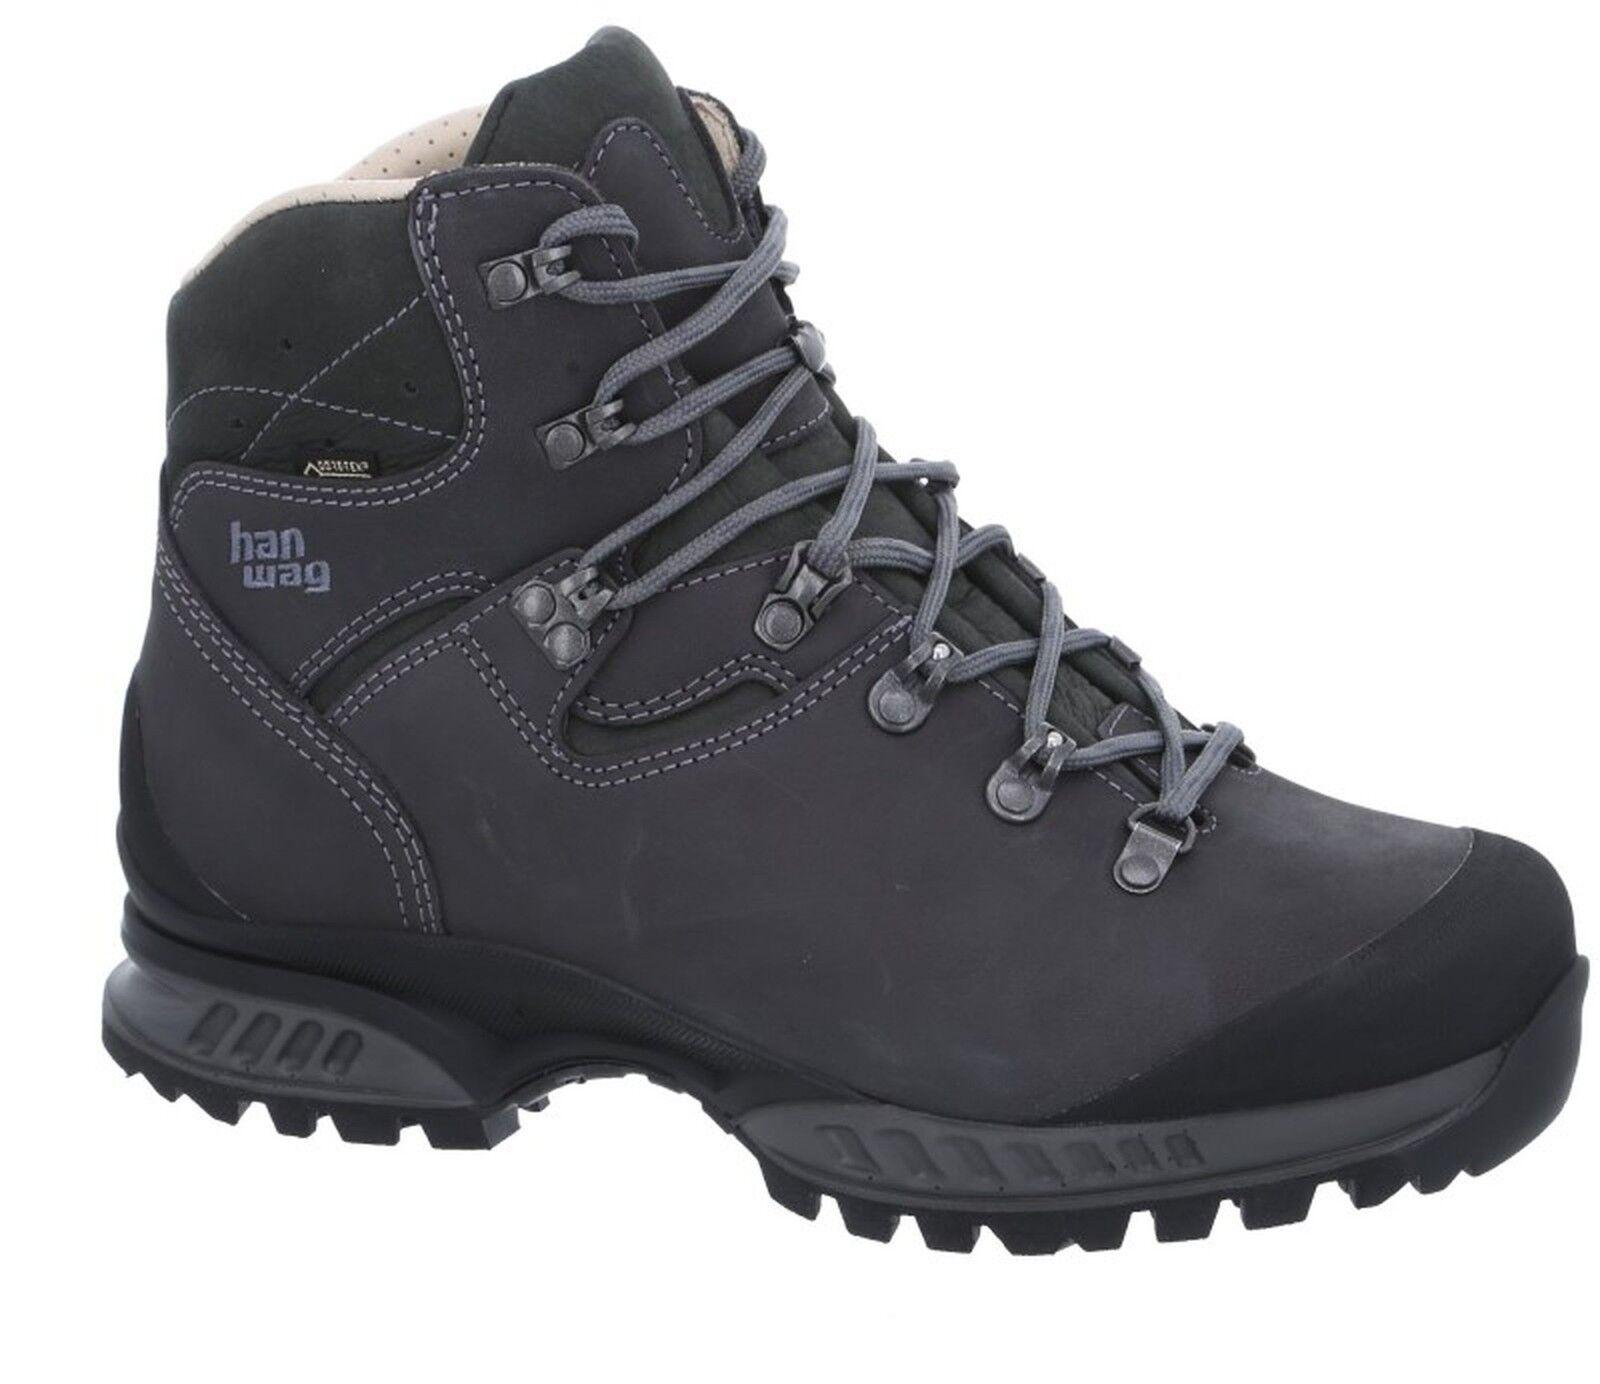 Hanwag montaña zapatos Tatra II GTX tamaño 8 - 42 asfalto